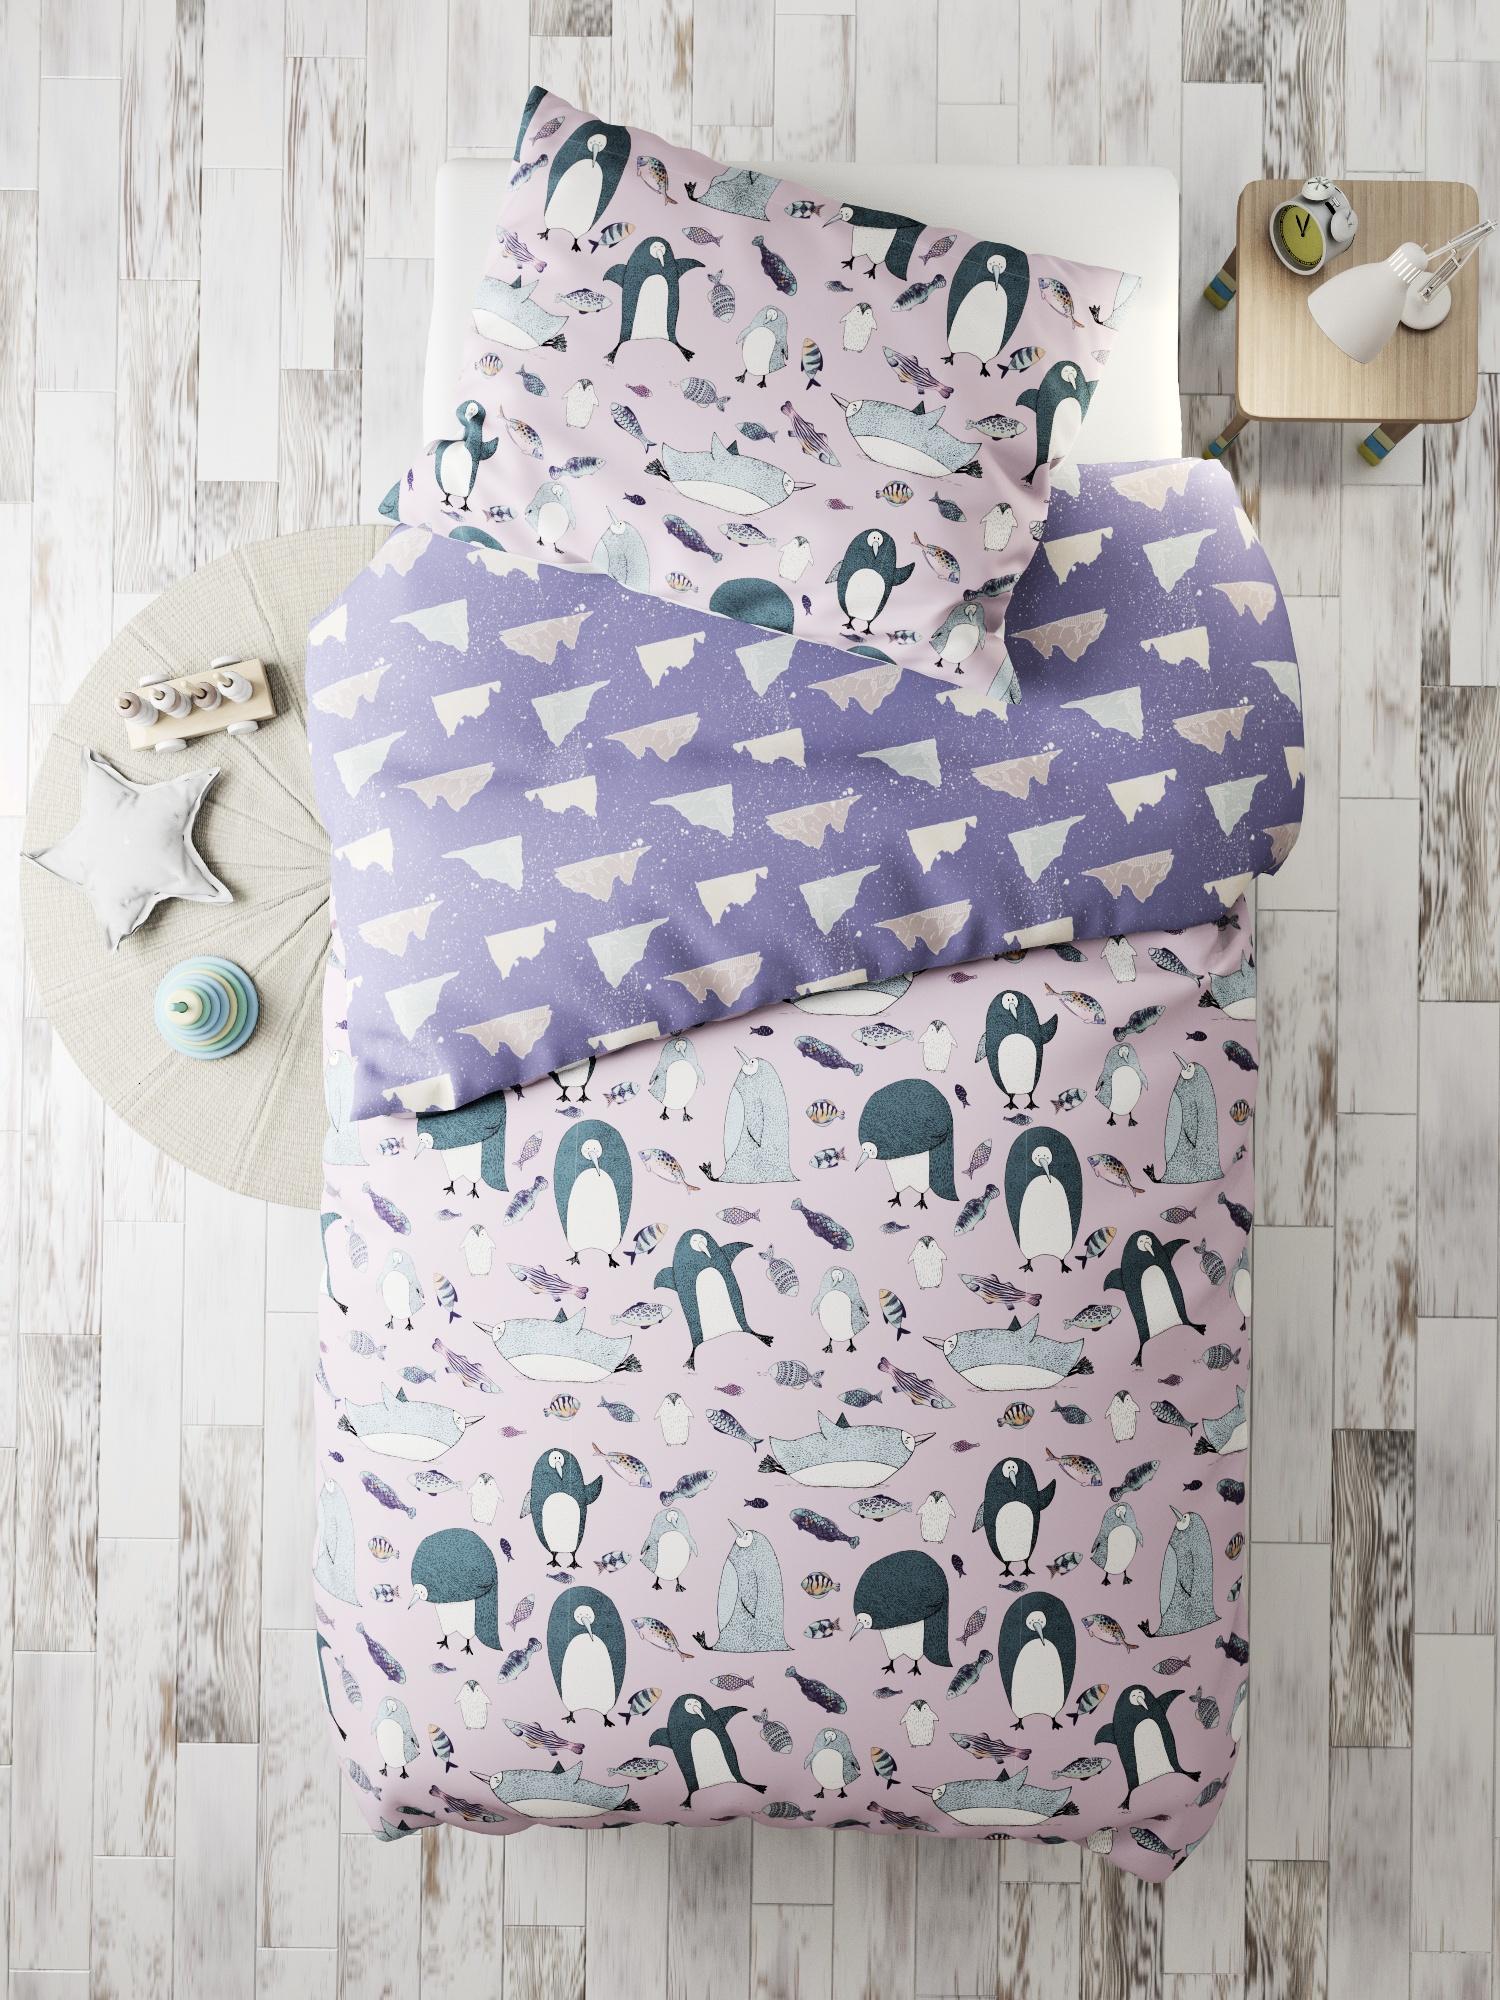 Комплект в кроватку Marengotextile Пингвины, розовый, фиолетовый